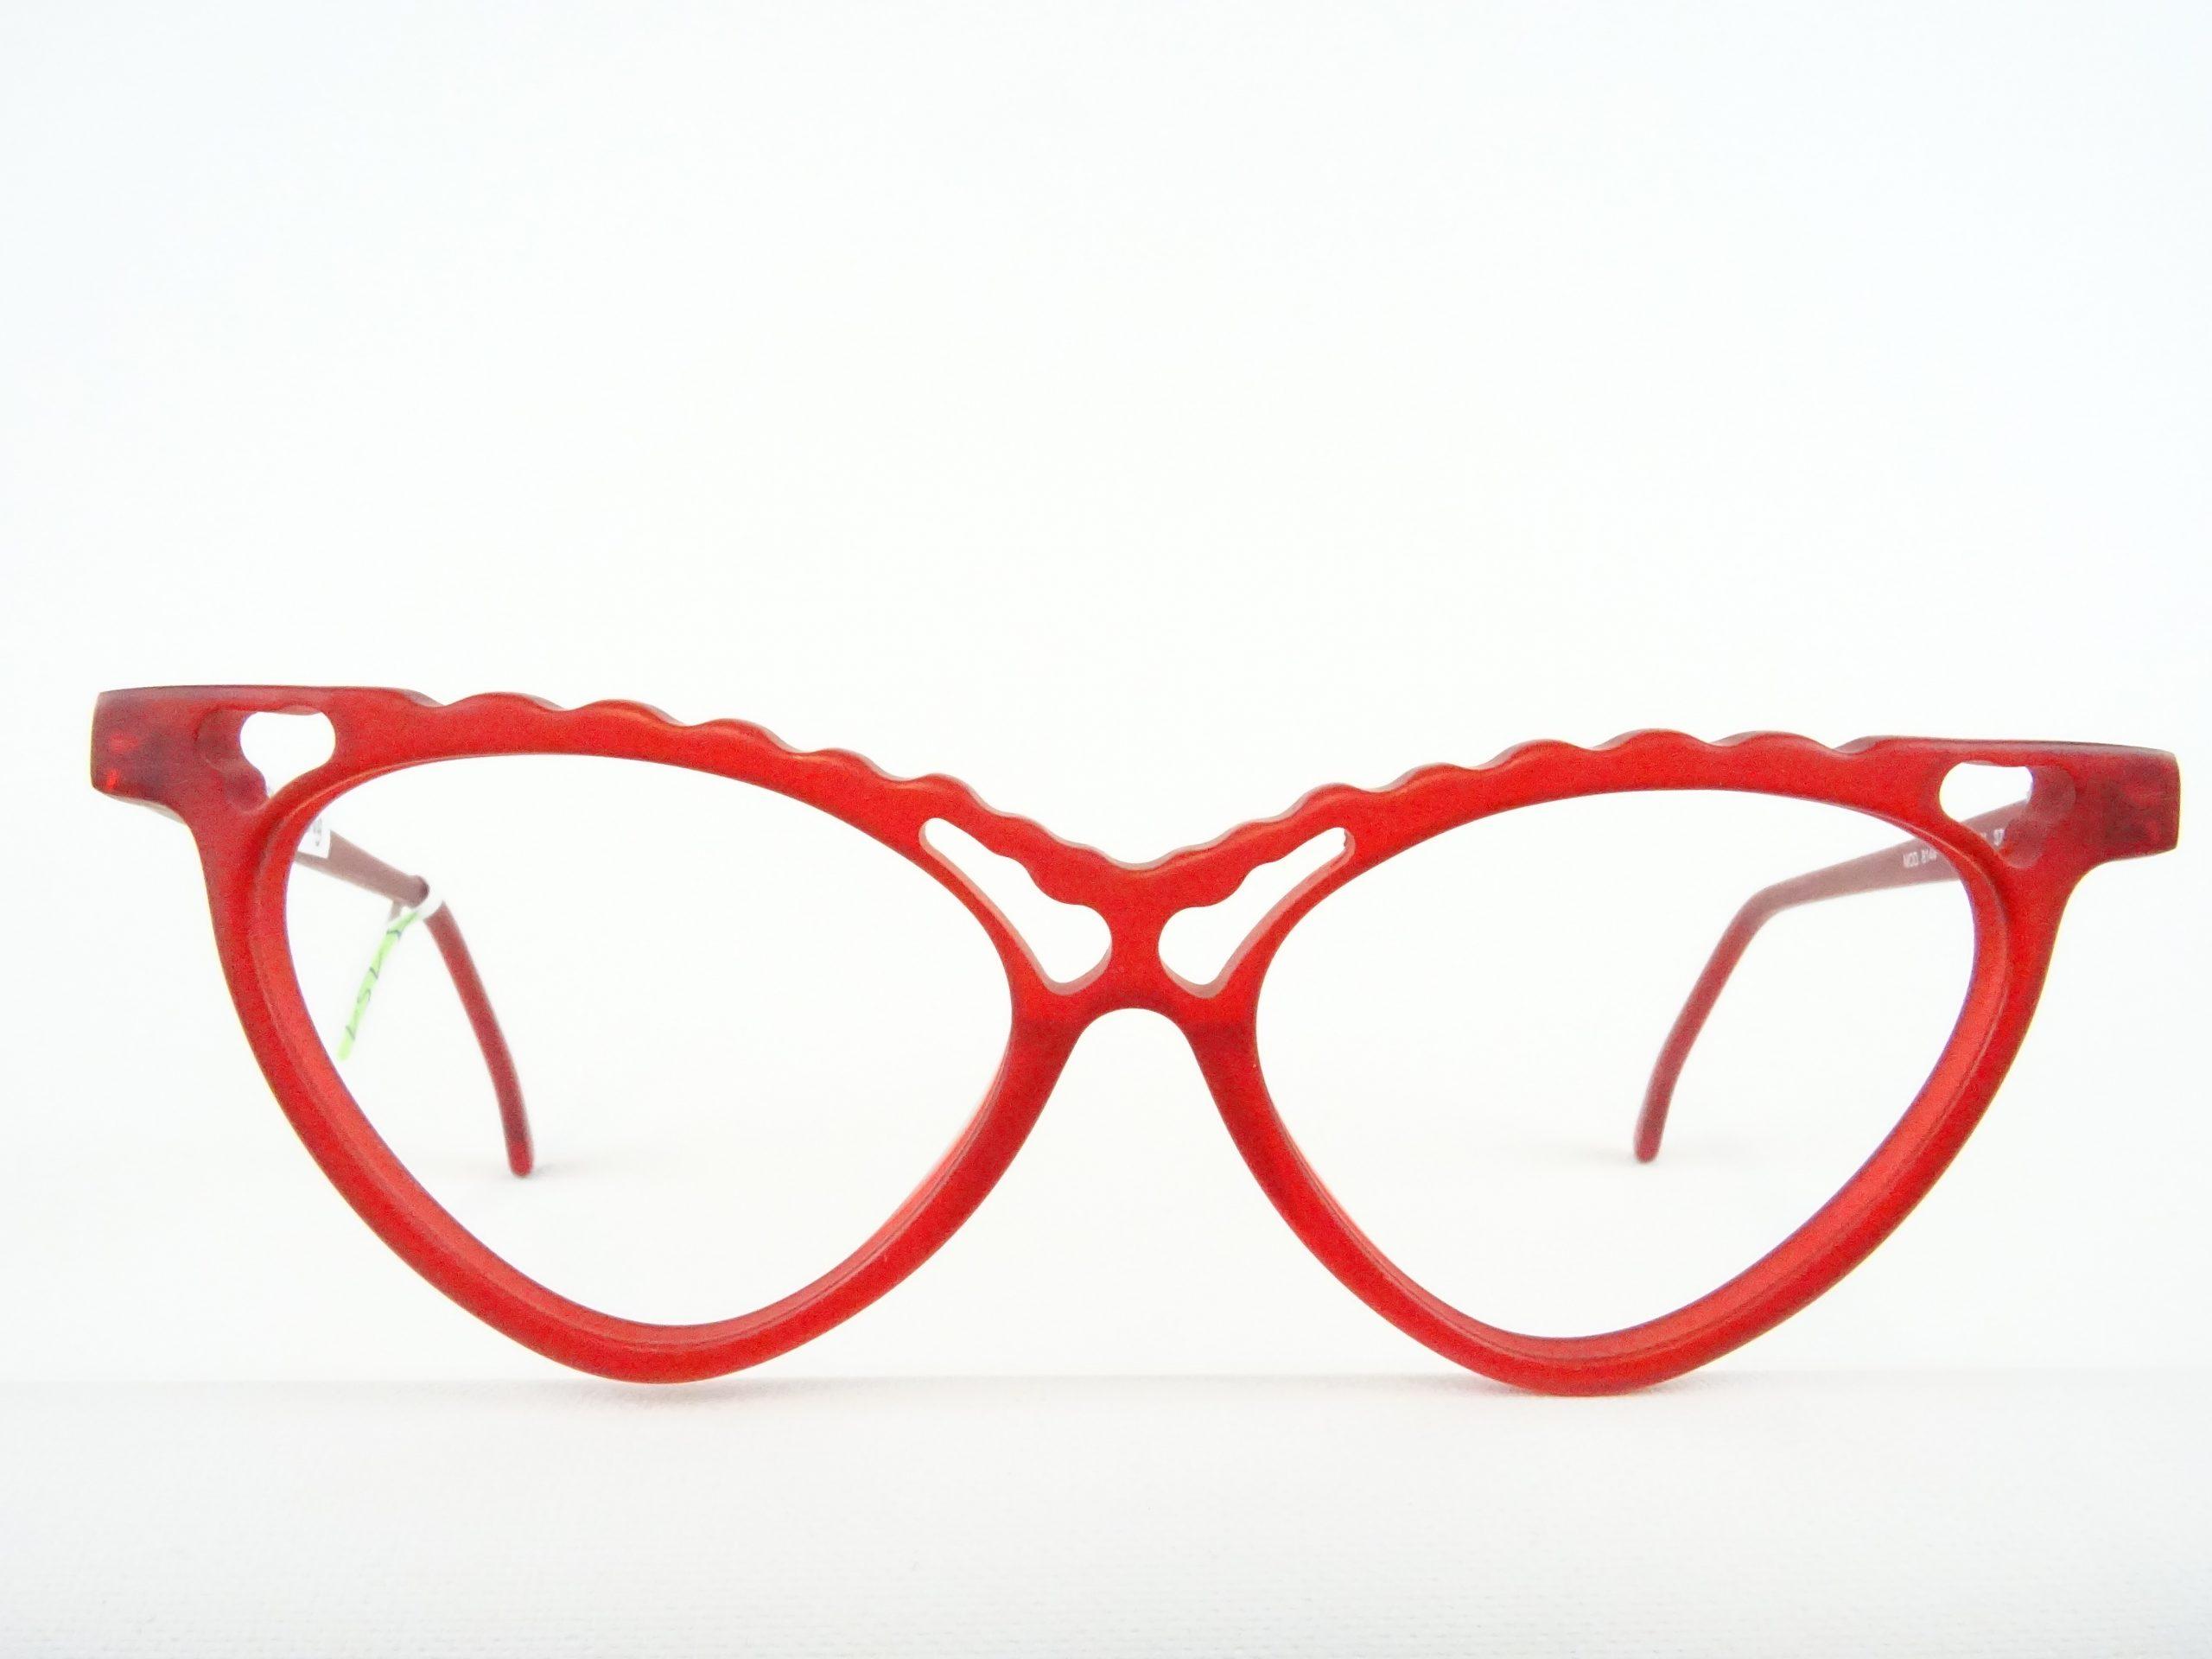 Rote Damenbrille Mit Aussergewohnlicher Cateyeform Crazy Design Seltene Damenbrille Gr M Vintage Brillen Welt